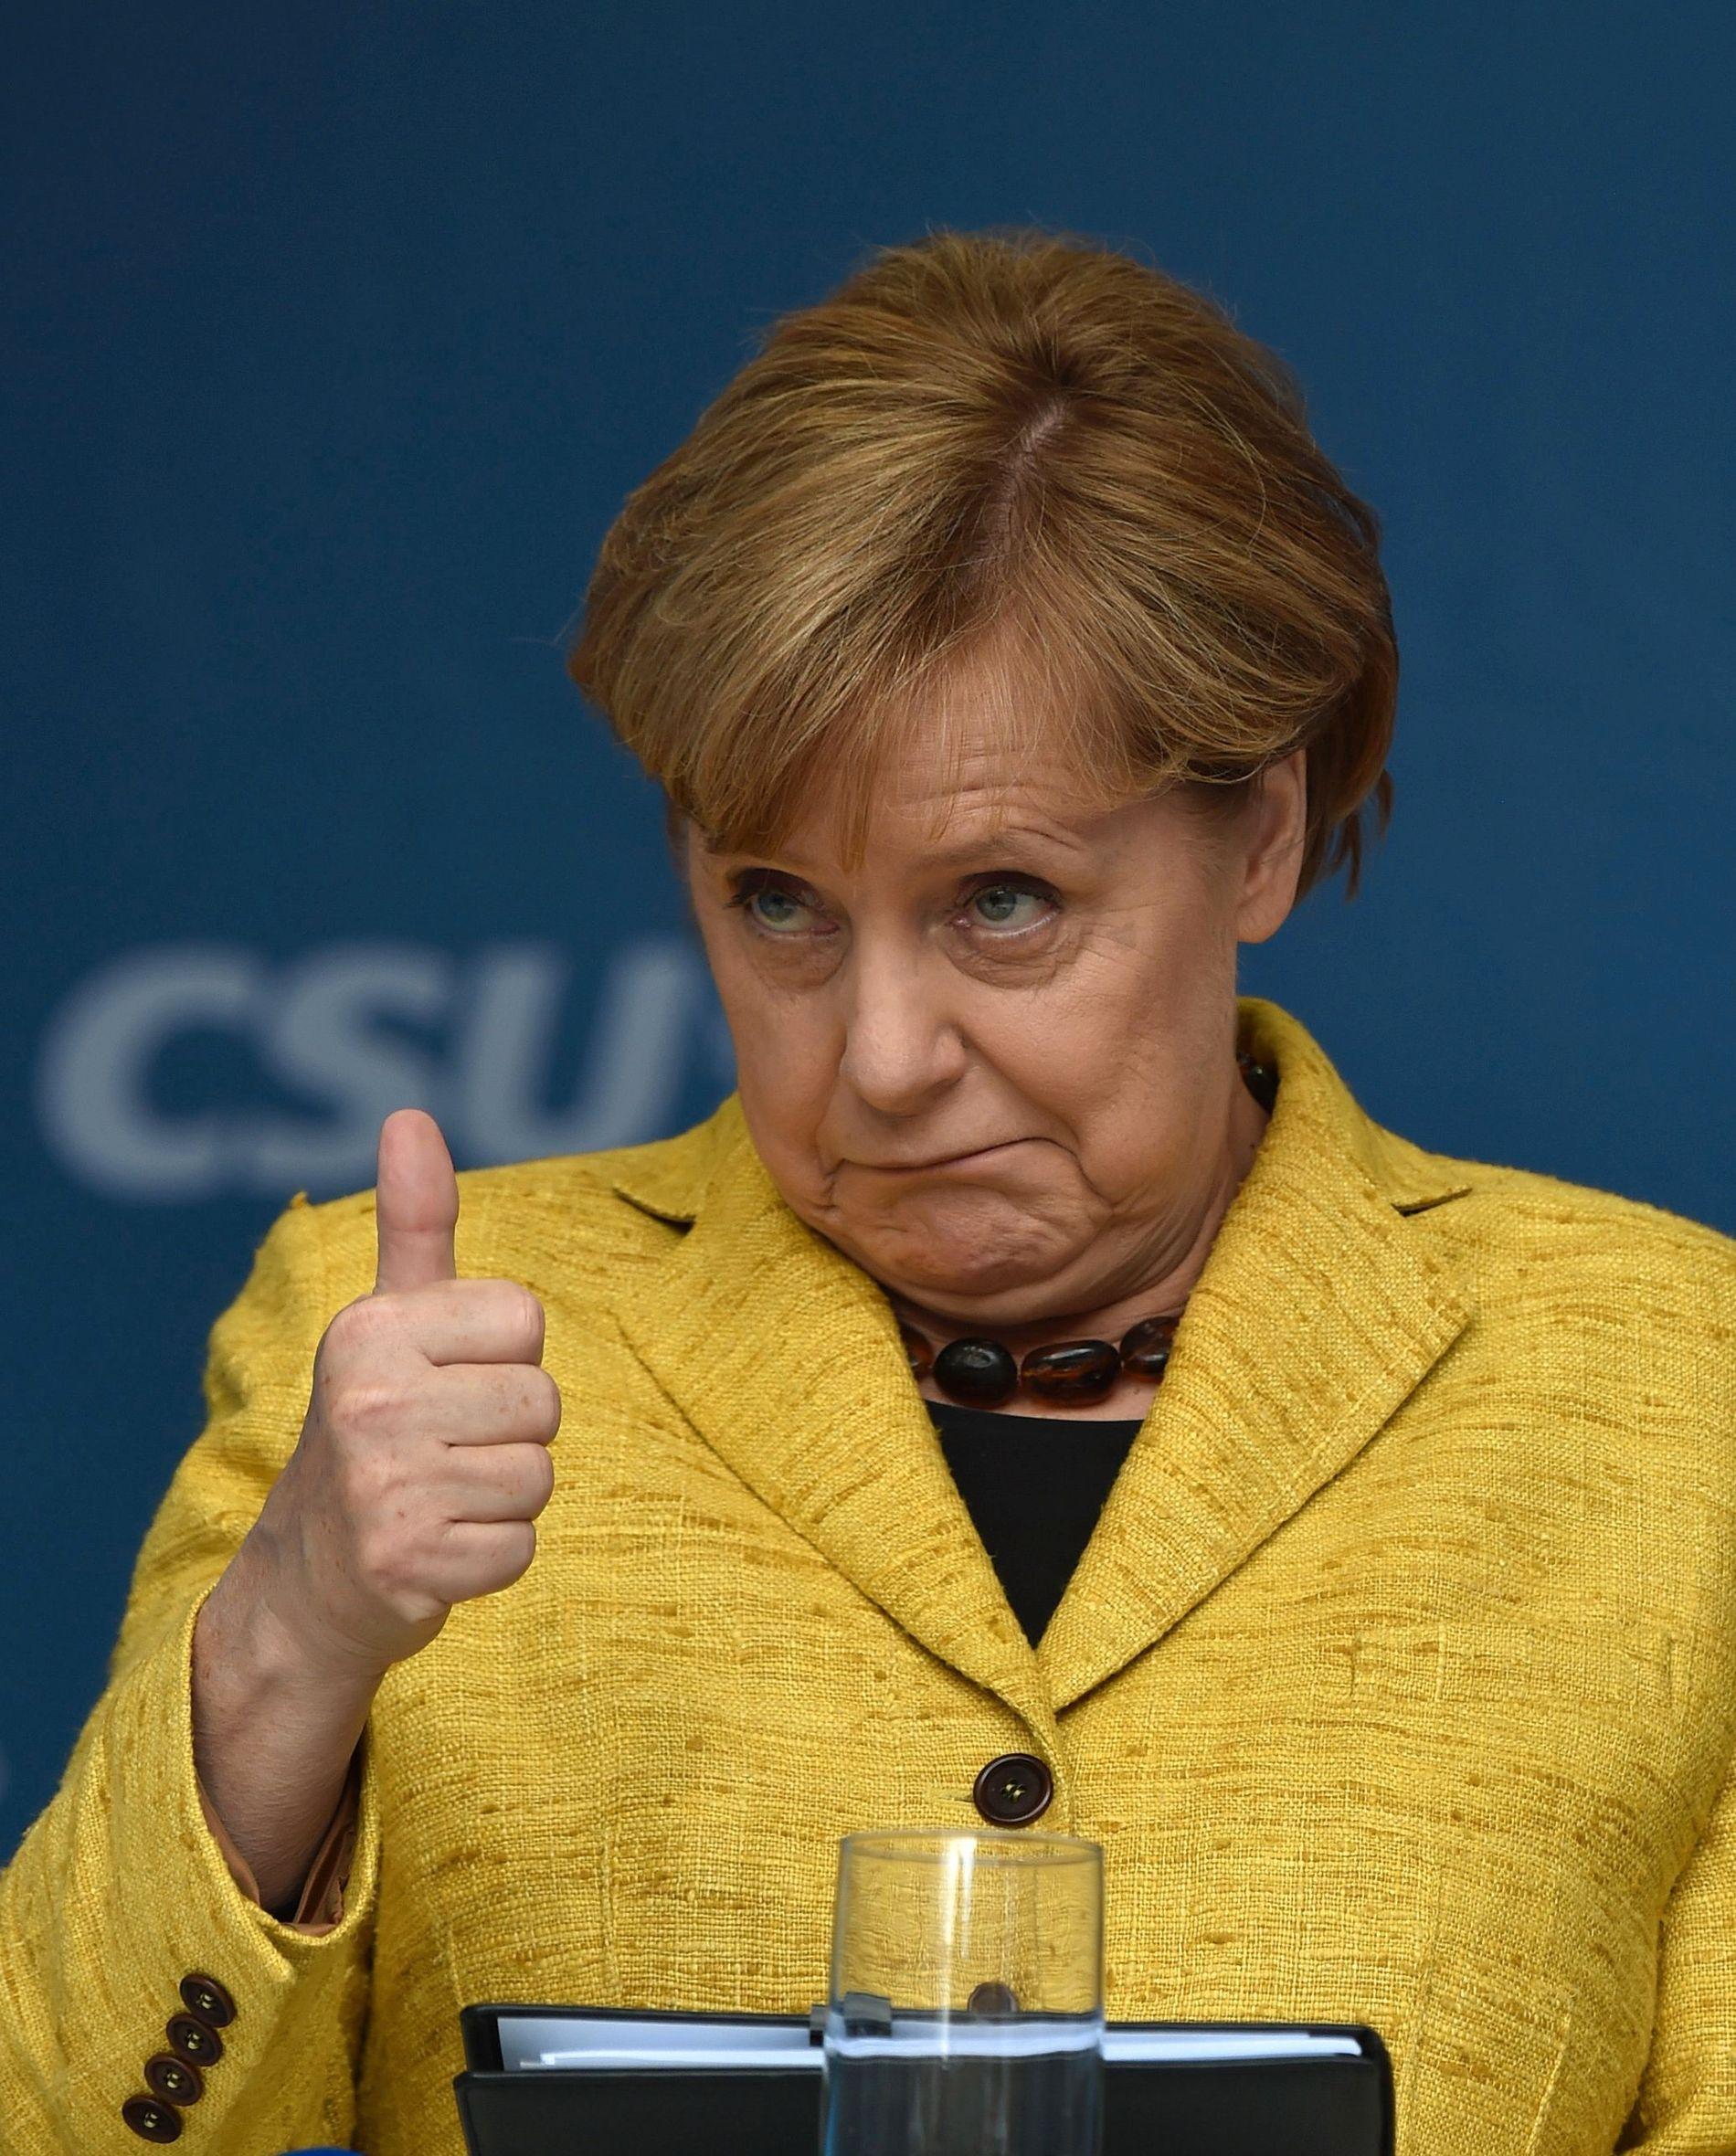 LIGGER GODT AN: Merkel og CDU har stor oppslutning, og selv om AfD vokser er de fortsatt et av småpartiene.